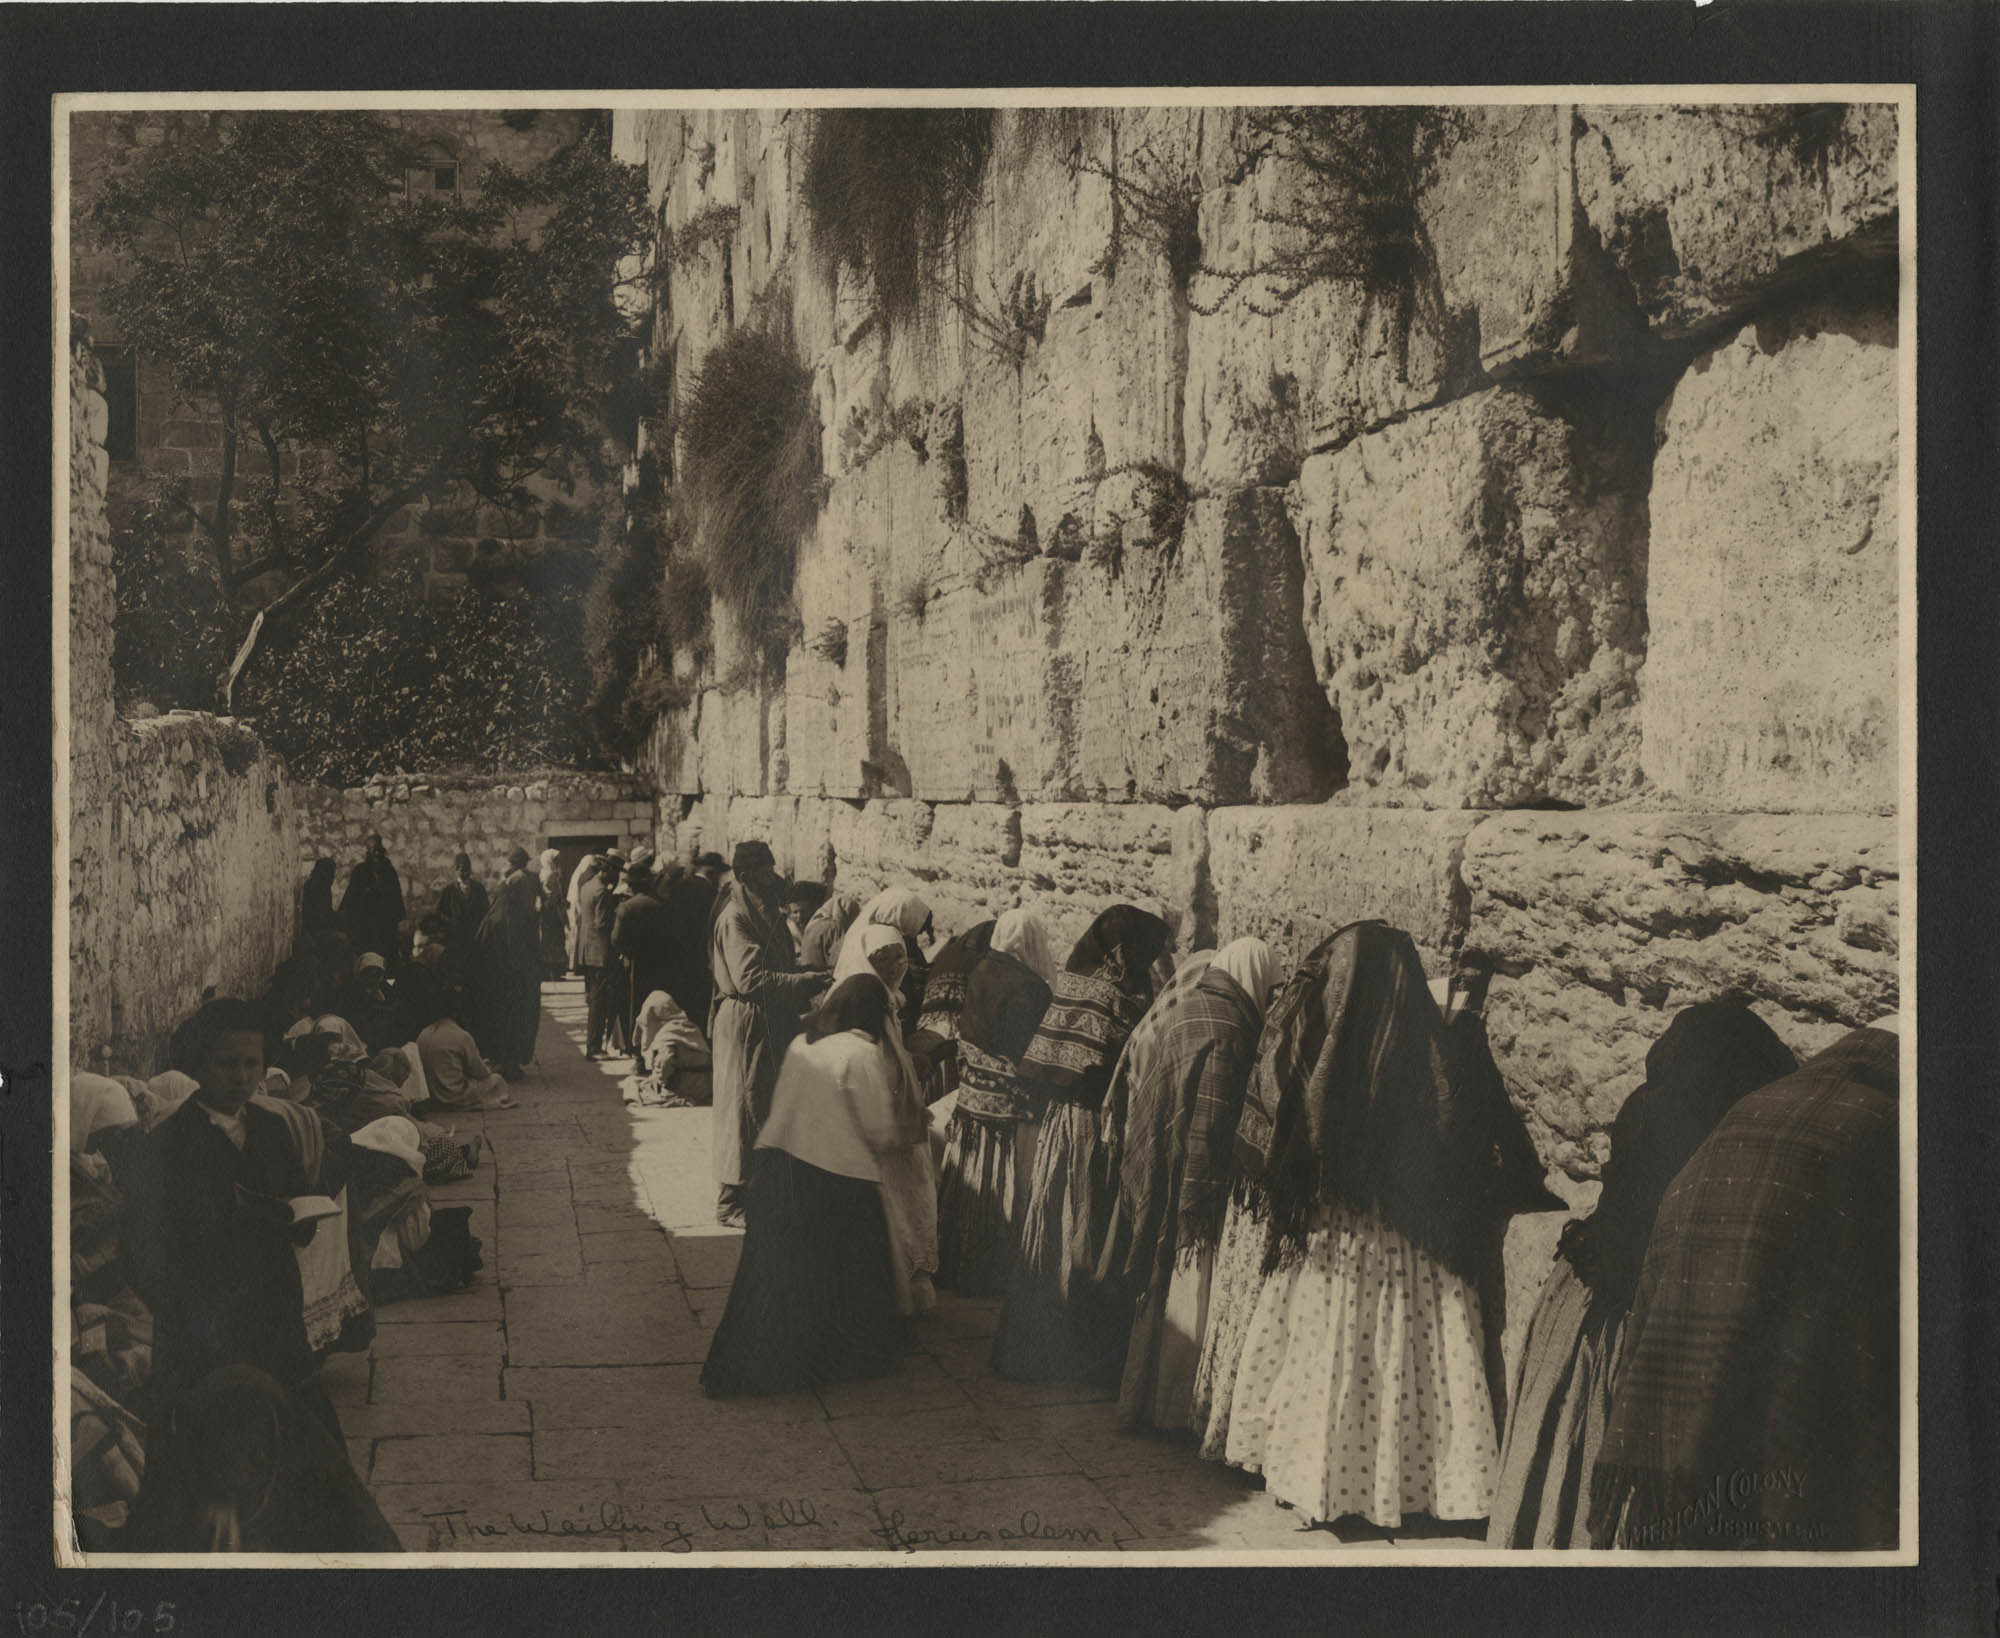 Egypt Photograph Album, 1925, Page 105